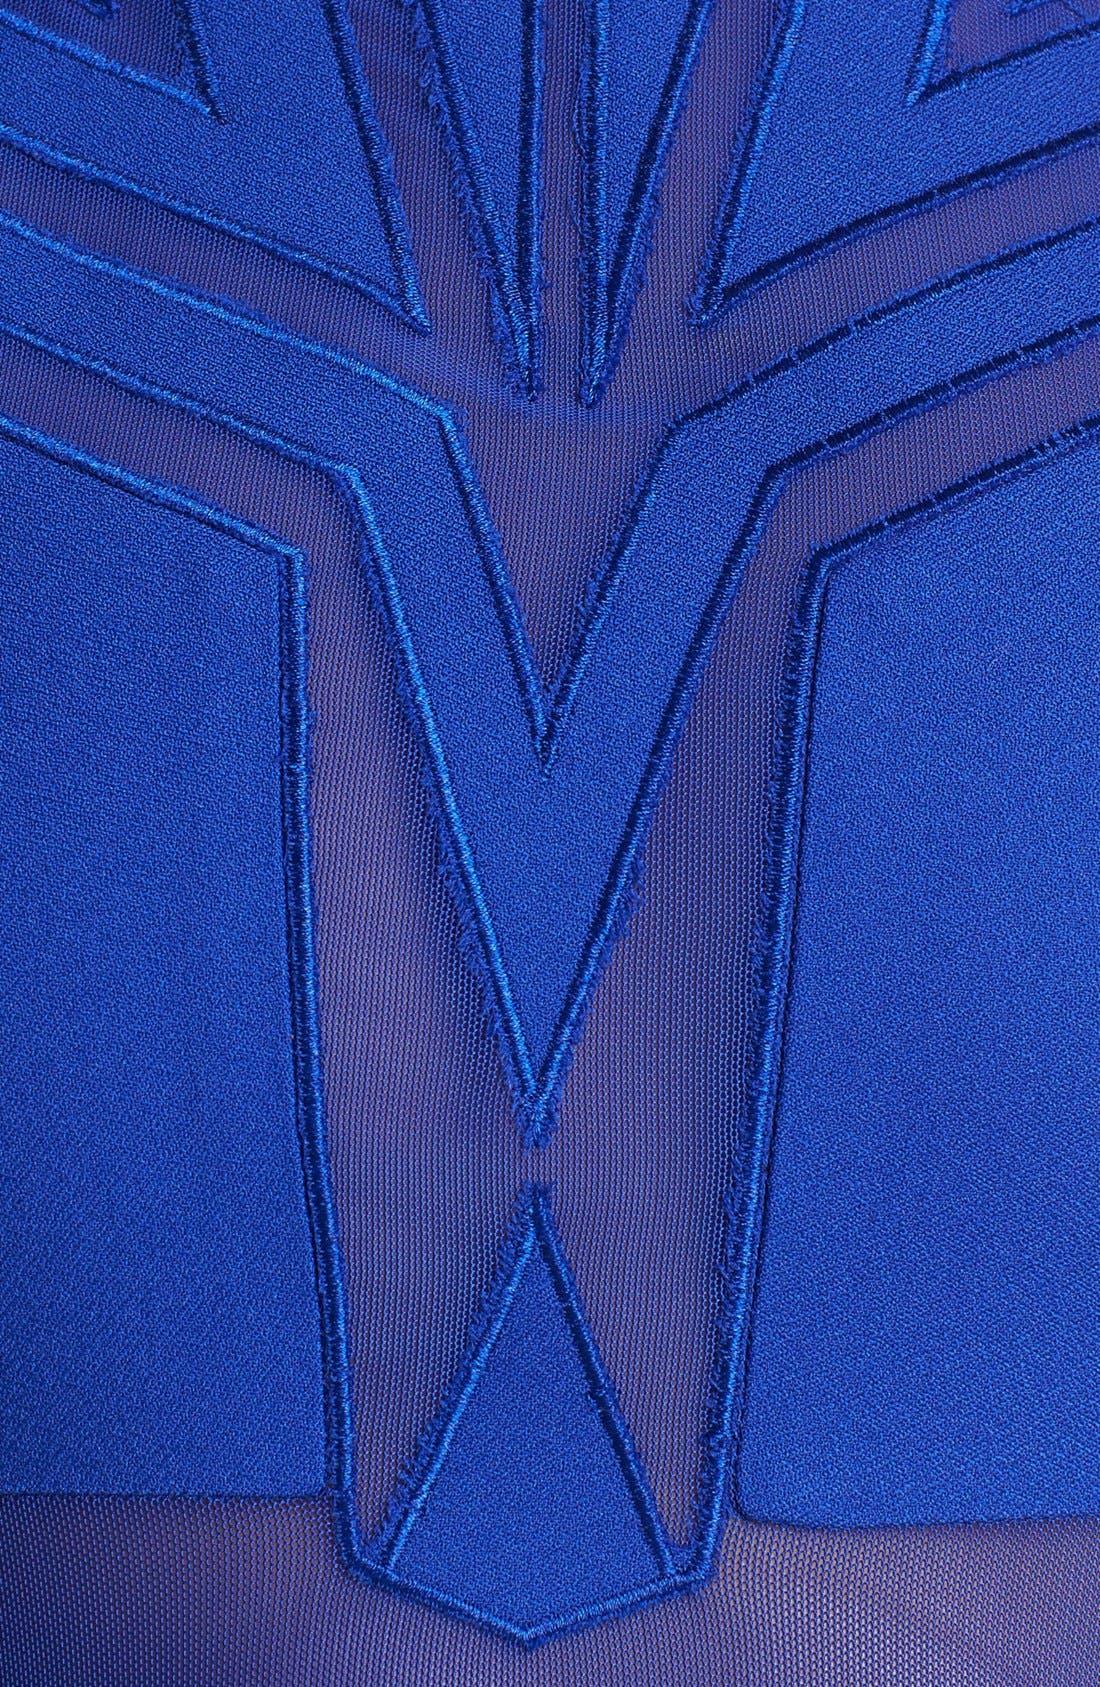 Alternate Image 3  - ASTR Sheer Panel Fit & Flare Dress